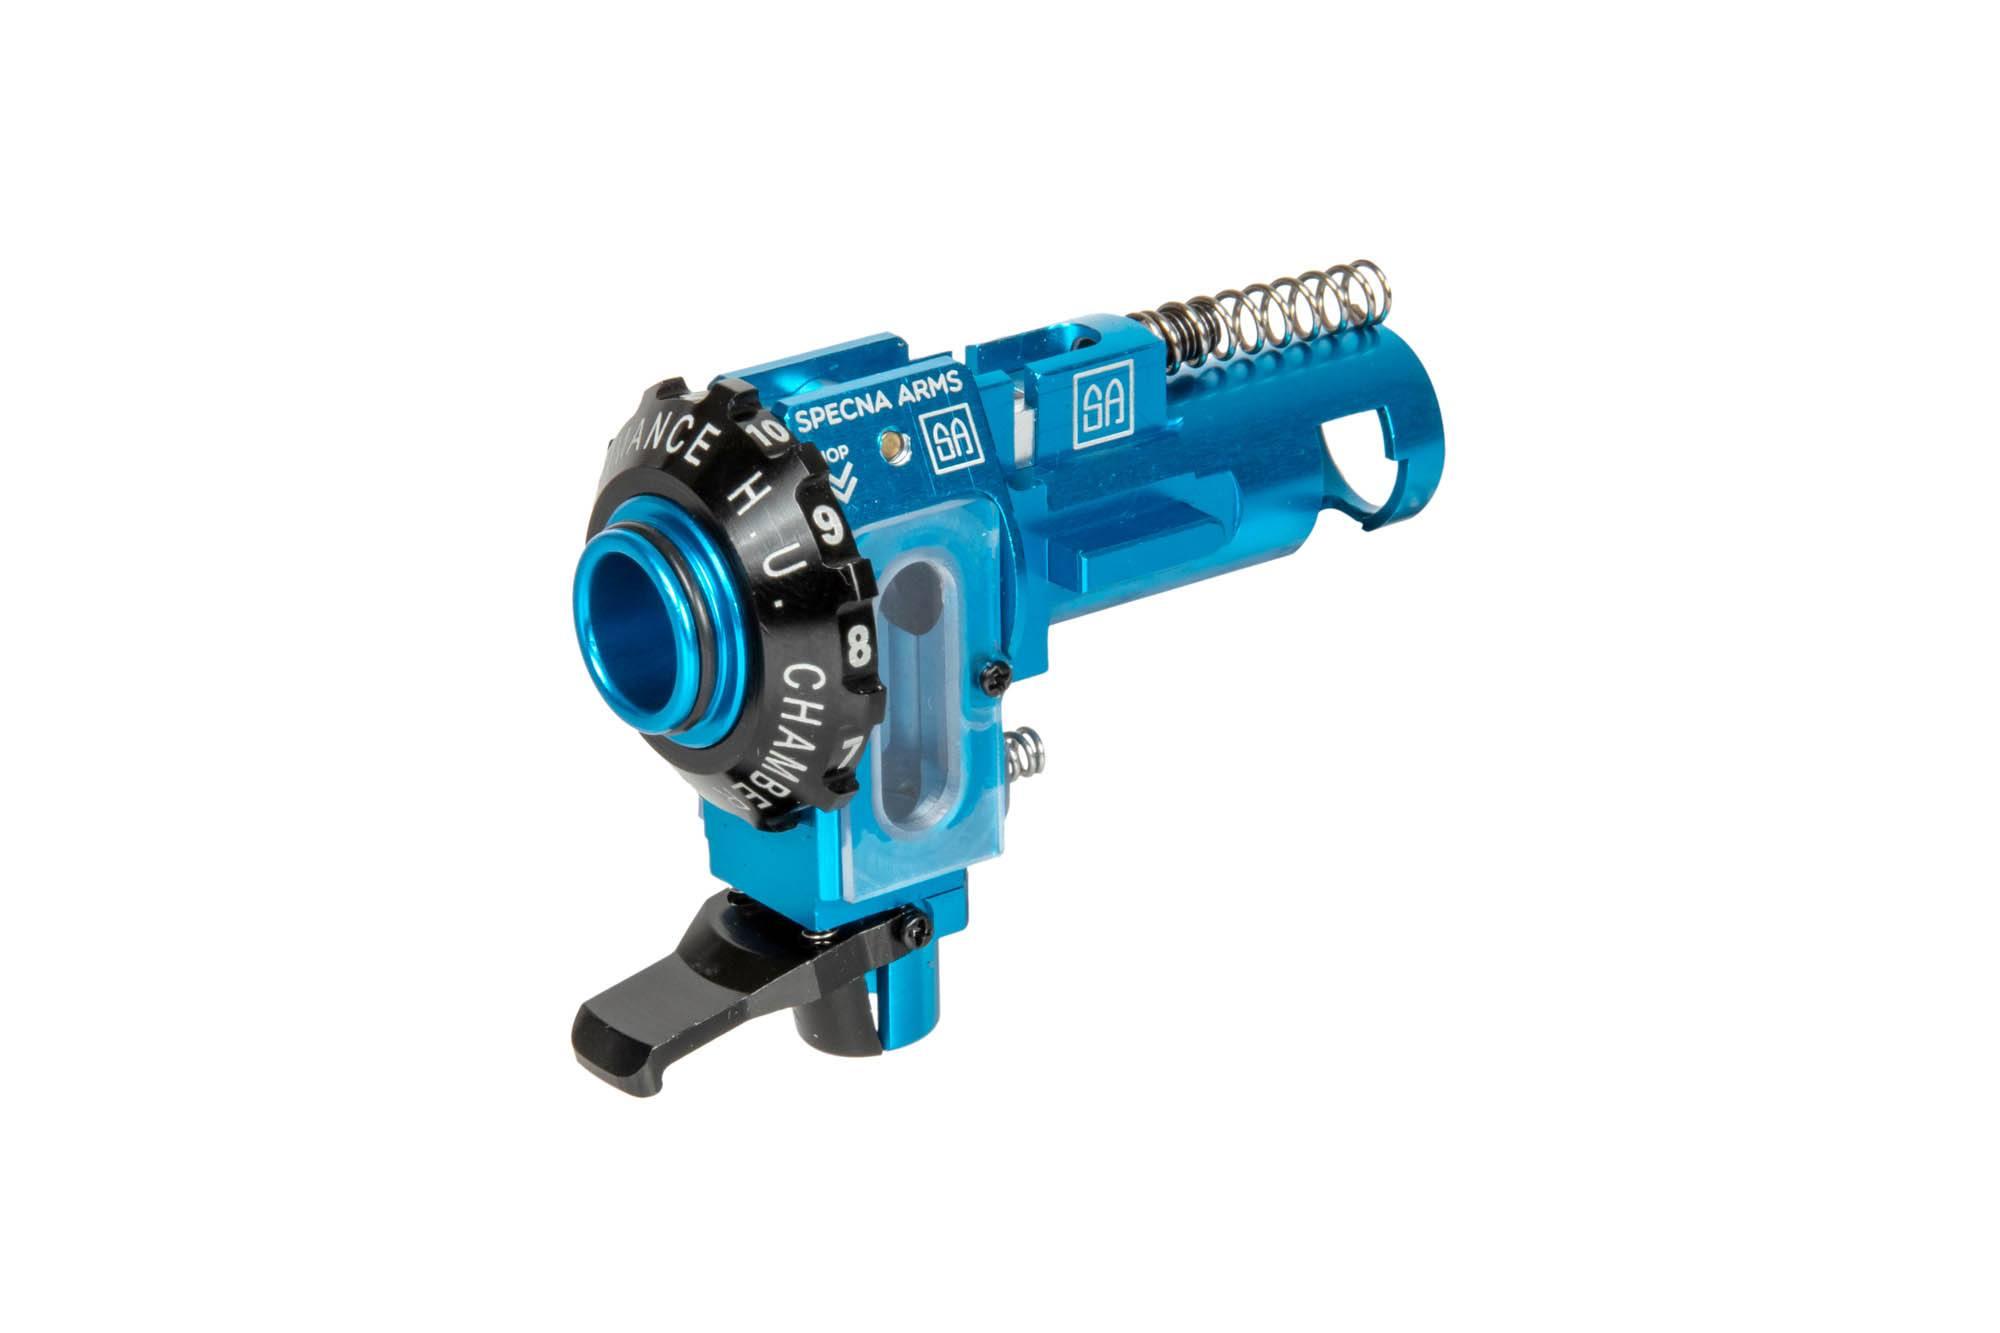 komora hop-up do repliki airsoft; niebieska; maxx model i specna arms